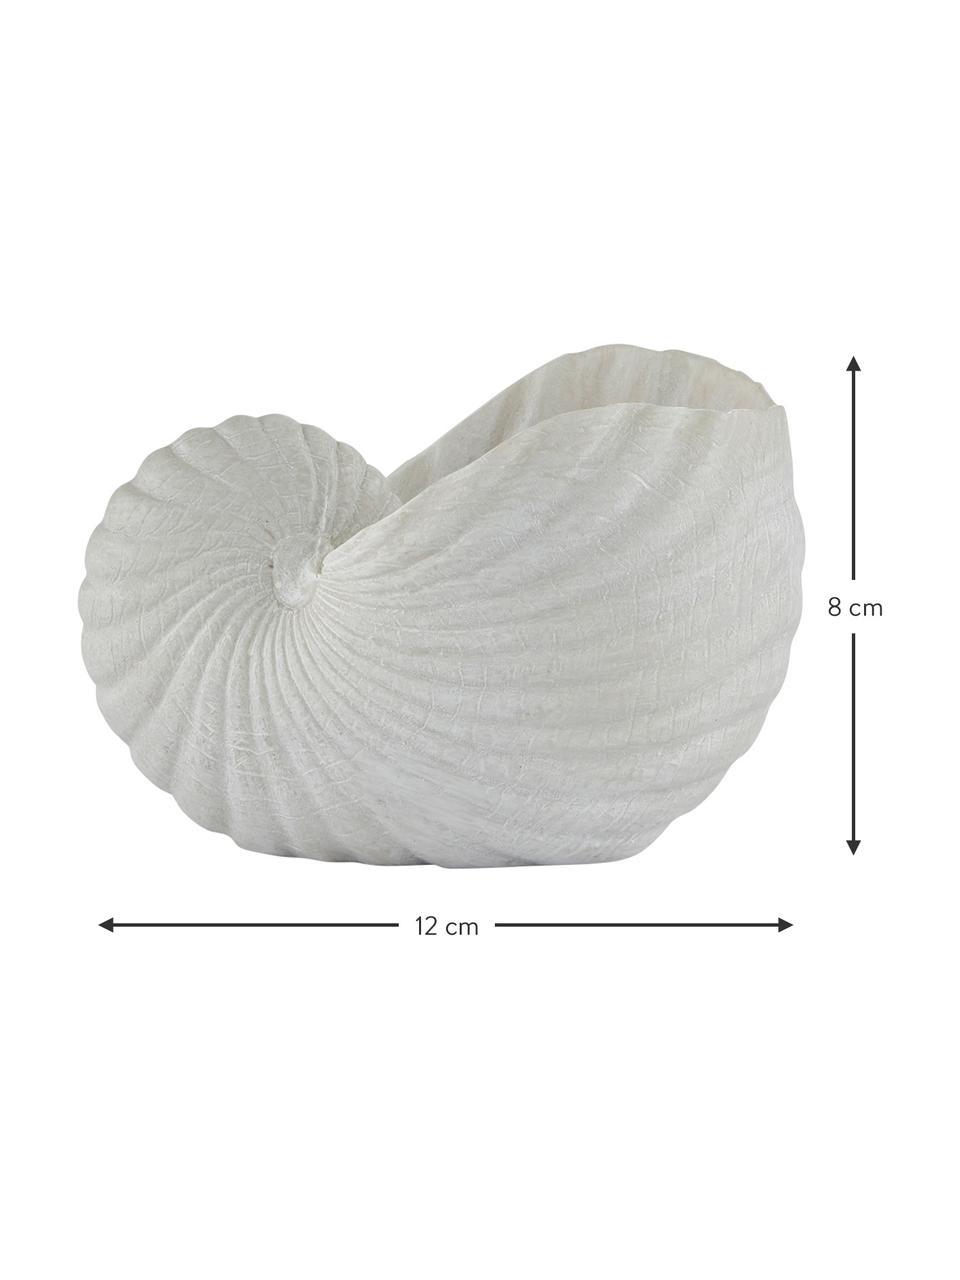 Kleines Deko-Objekt Serafina Shell, Kunststoff, Weiß, 12 x 8 cm